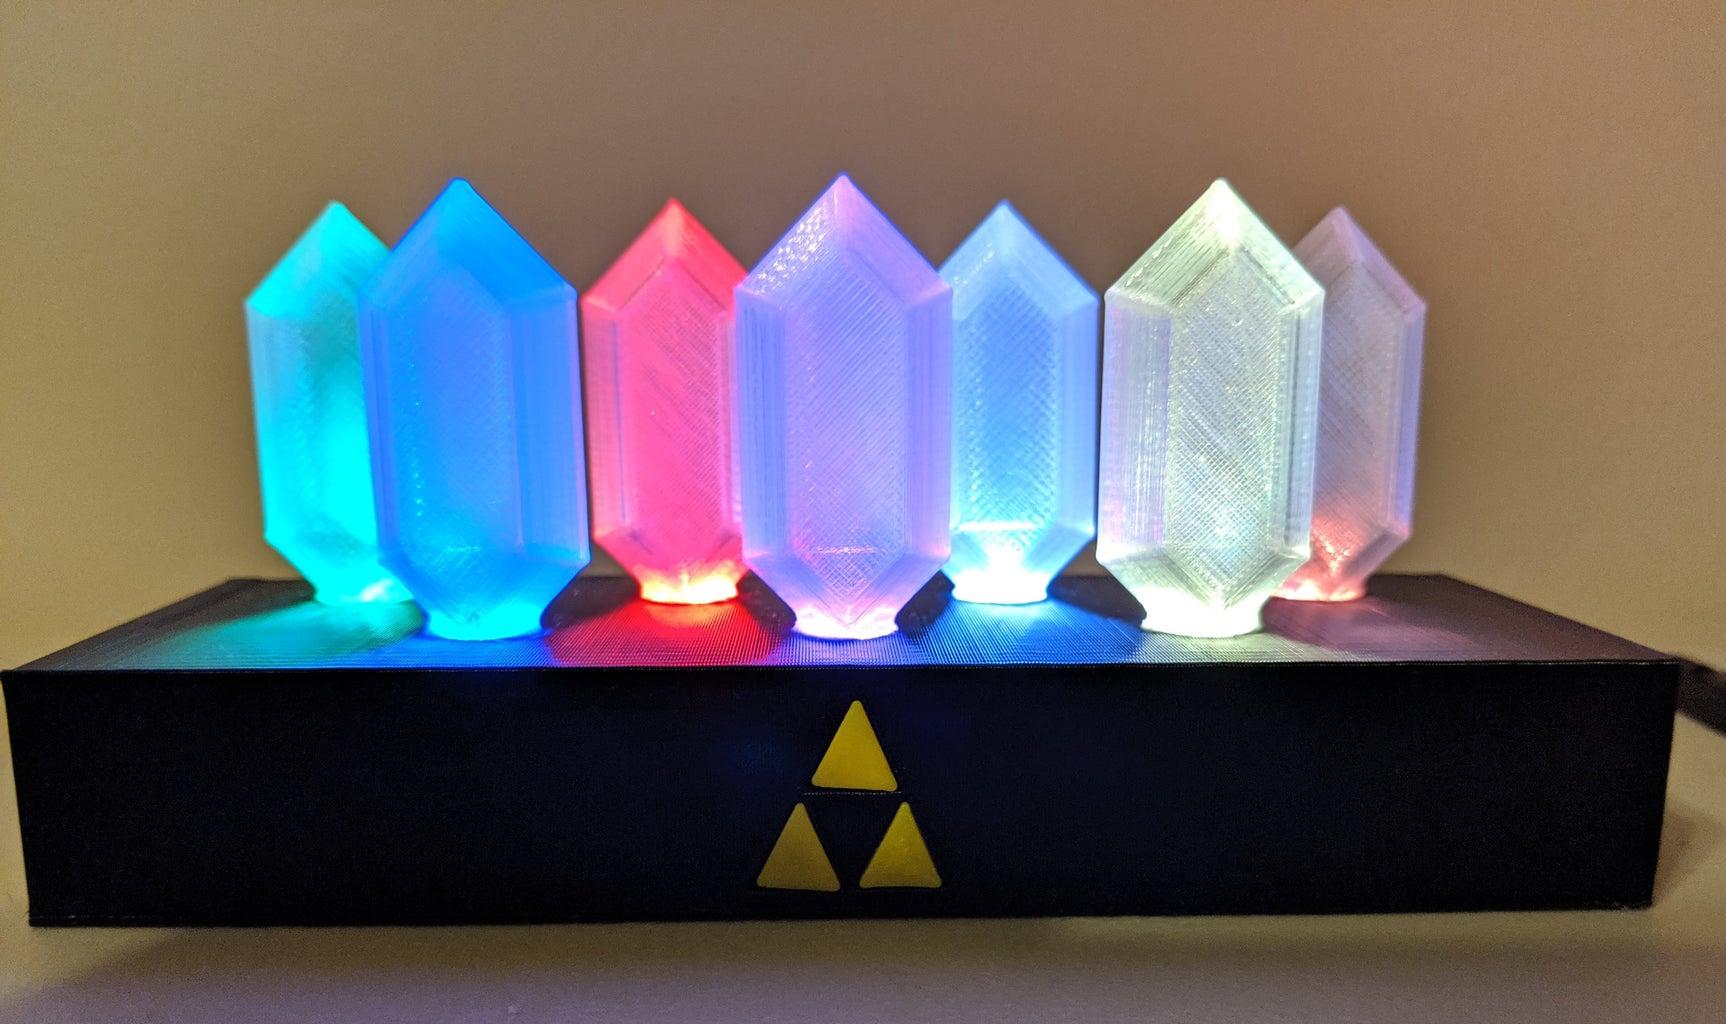 Legend of Zelda Rupee Nightlight (N64 Edition)